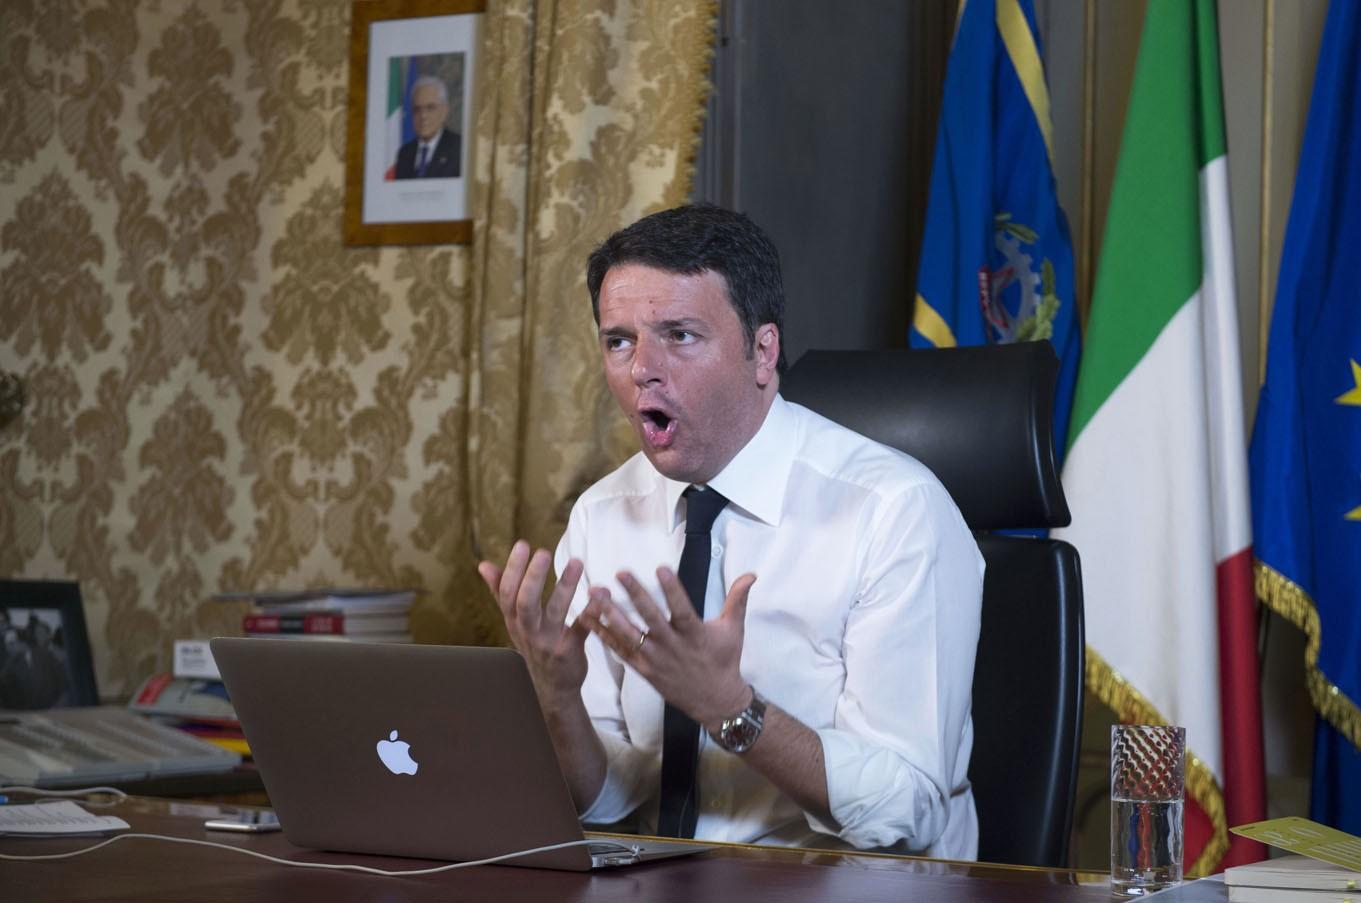 Nuove accuse a Matteo Renzi sul caso Apple da Codacons